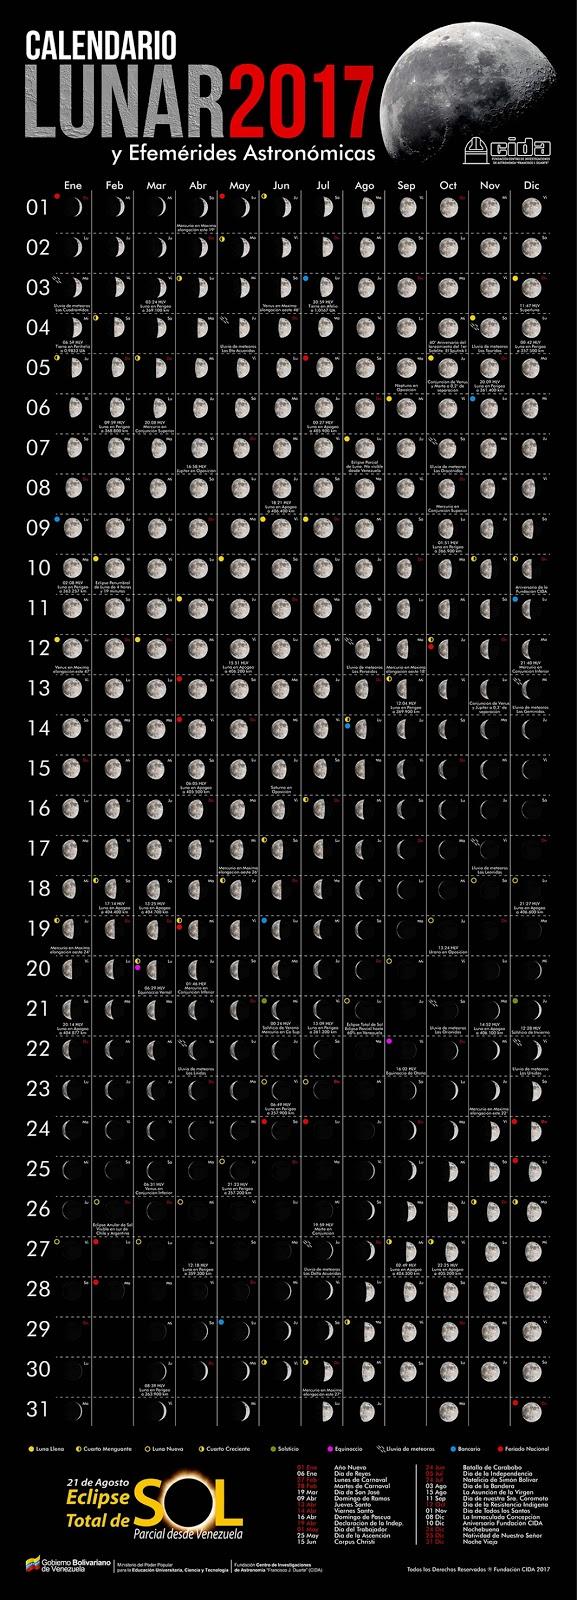 El selv tico calendario lunar 2017 del centro de for Almanaque lunar 2017